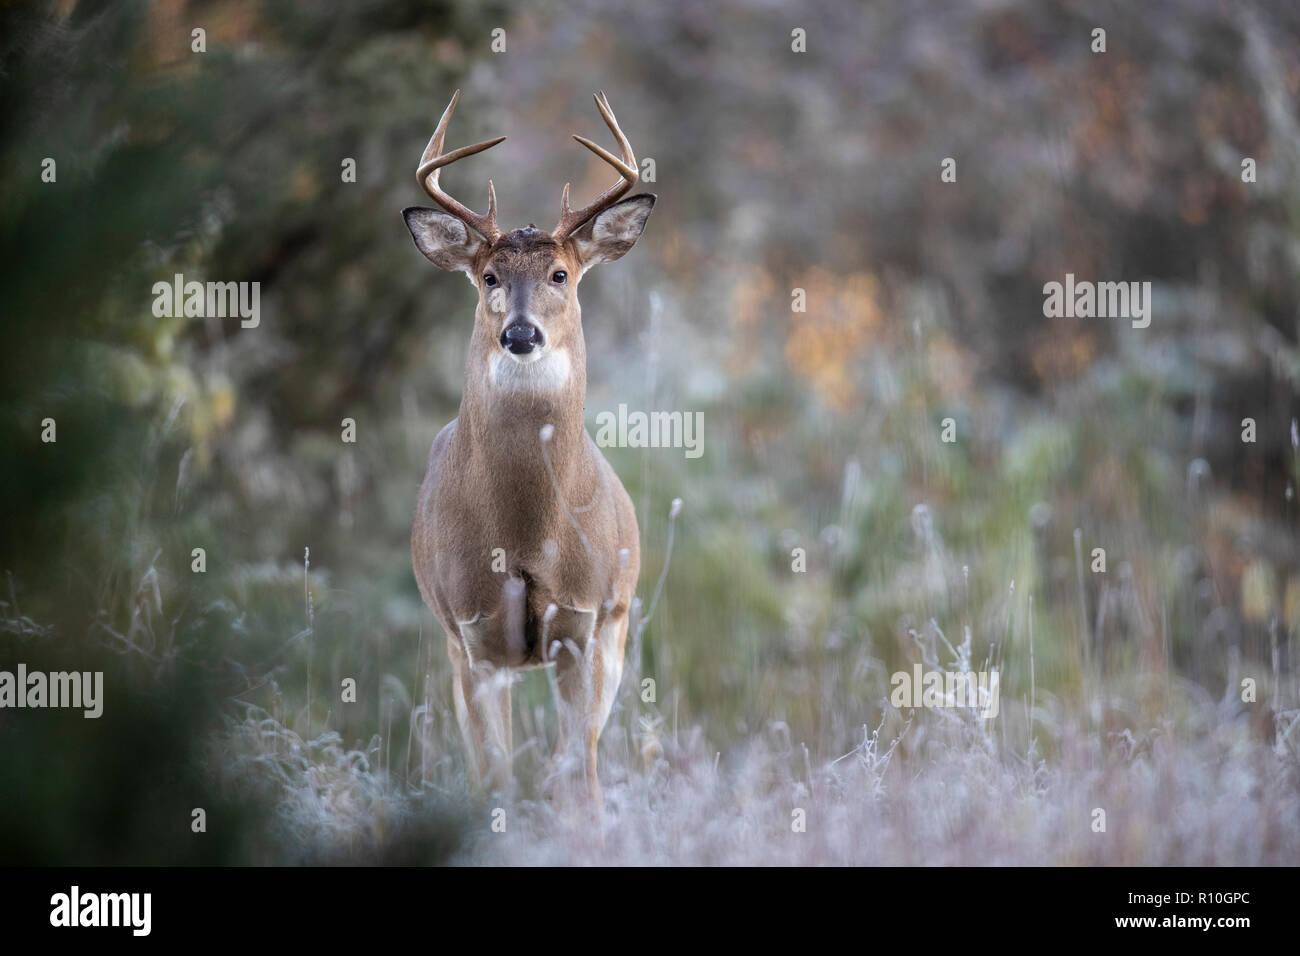 Una curiosa buck venado mirando alerta. Imagen De Stock